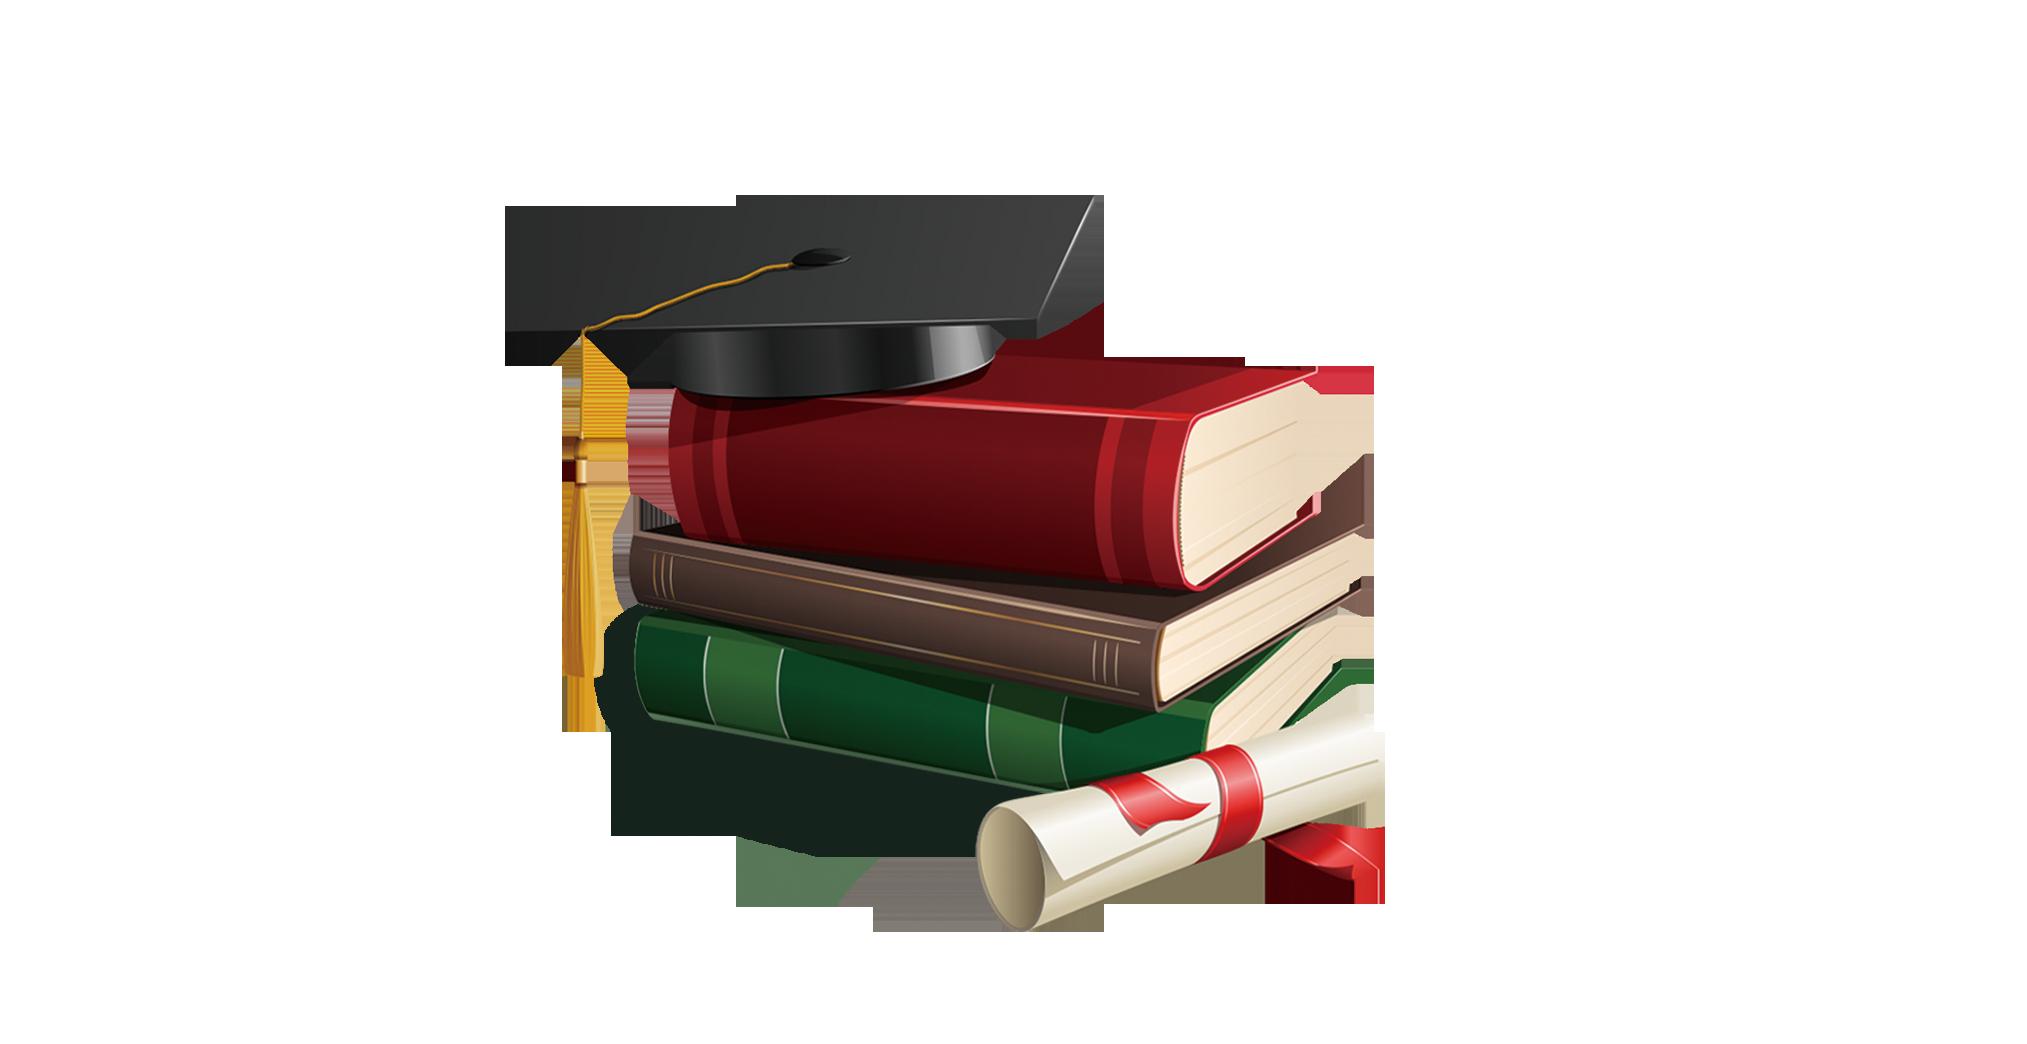 Square clipart book. Graduation ceremony academic cap